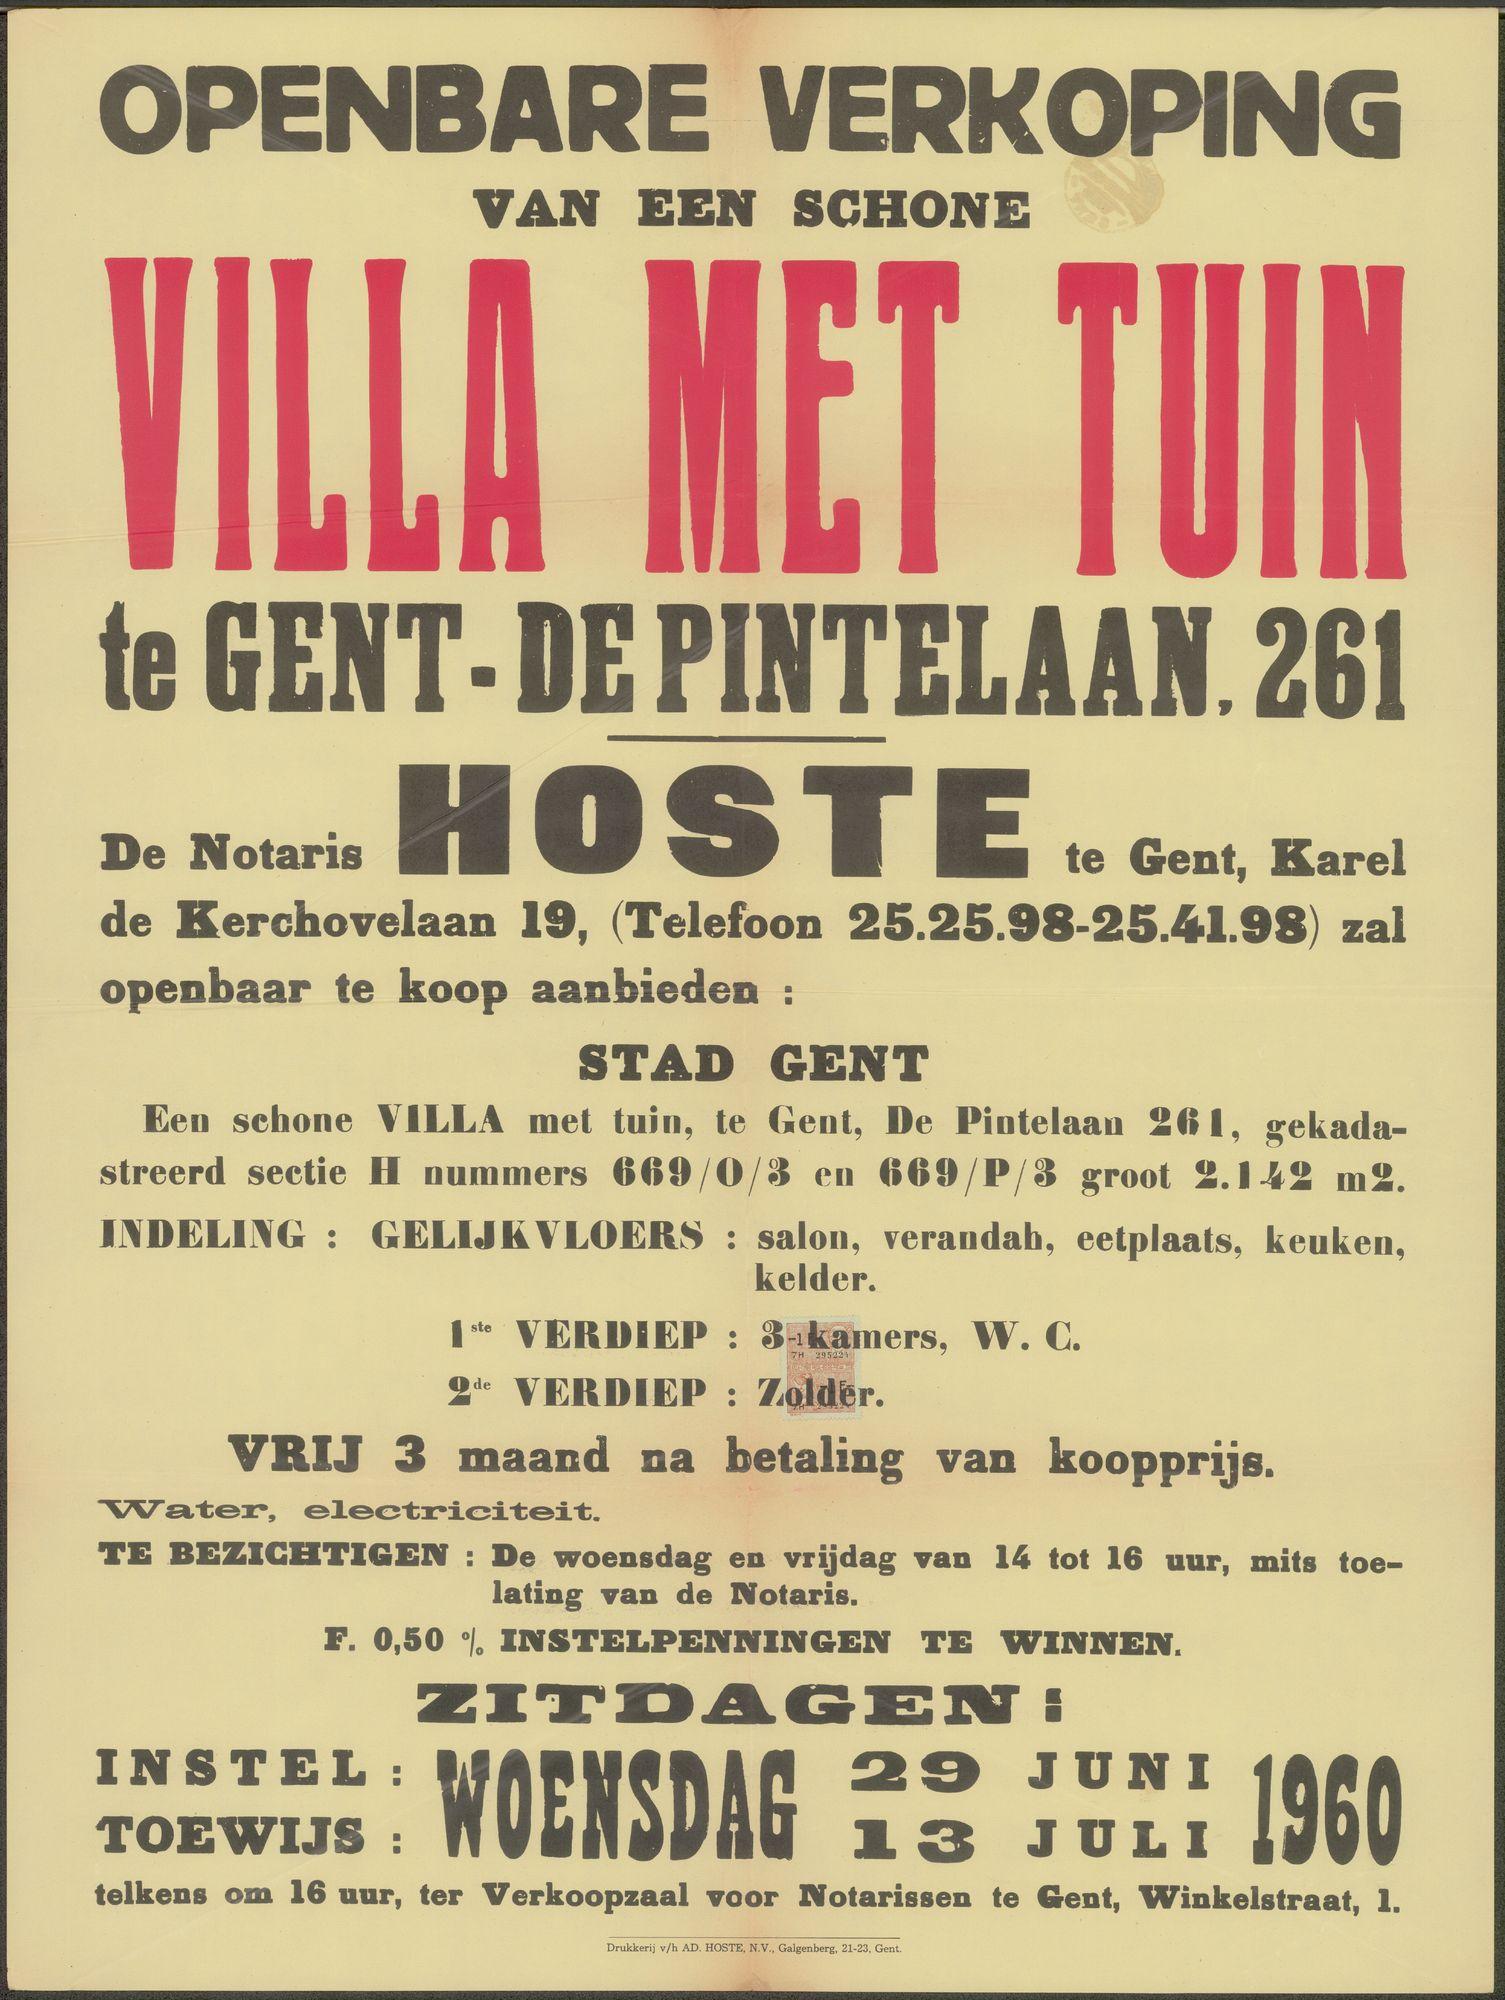 Openbare verkoop van een schone Villa met tuin te Gent - De Pintelaan, nr. 261, Gent, 13 juli 1960